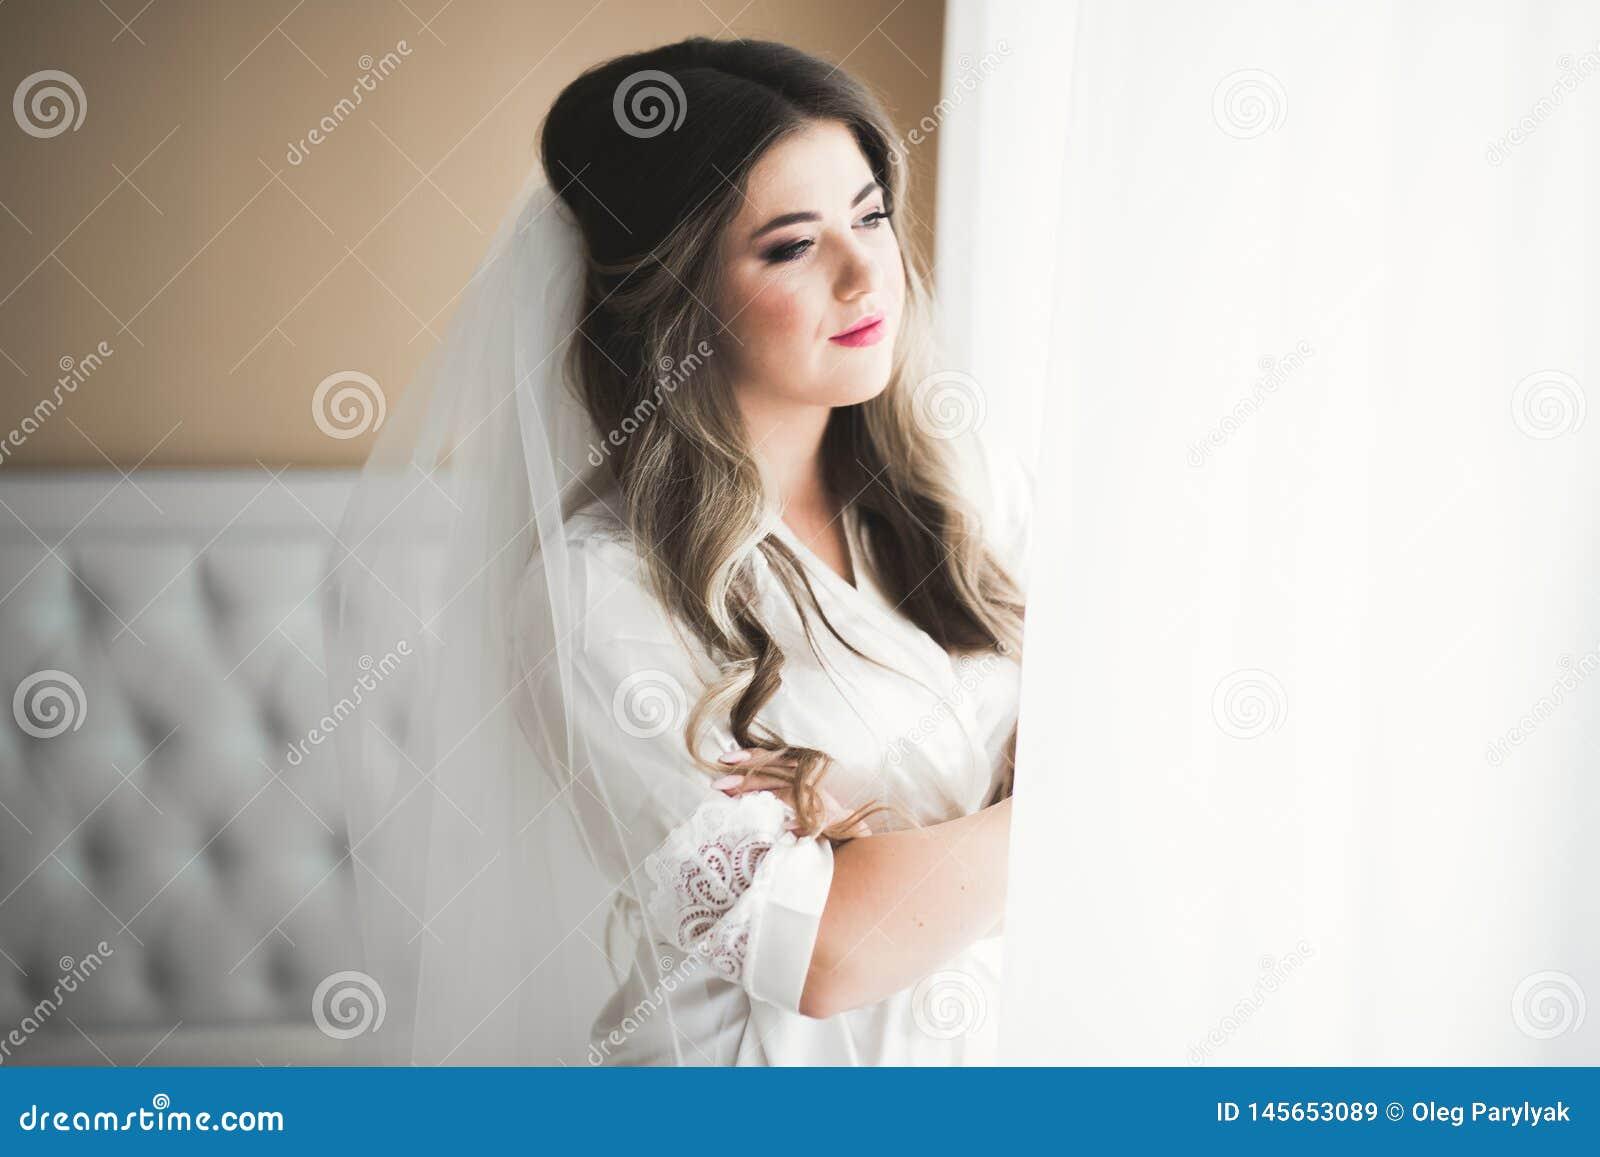 Πανέμορφη νύφη στην τήβεννο που θέτει και που προετοιμάζεται για το πρόσωπο γαμήλιας τελετής σε ένα δωμάτιο